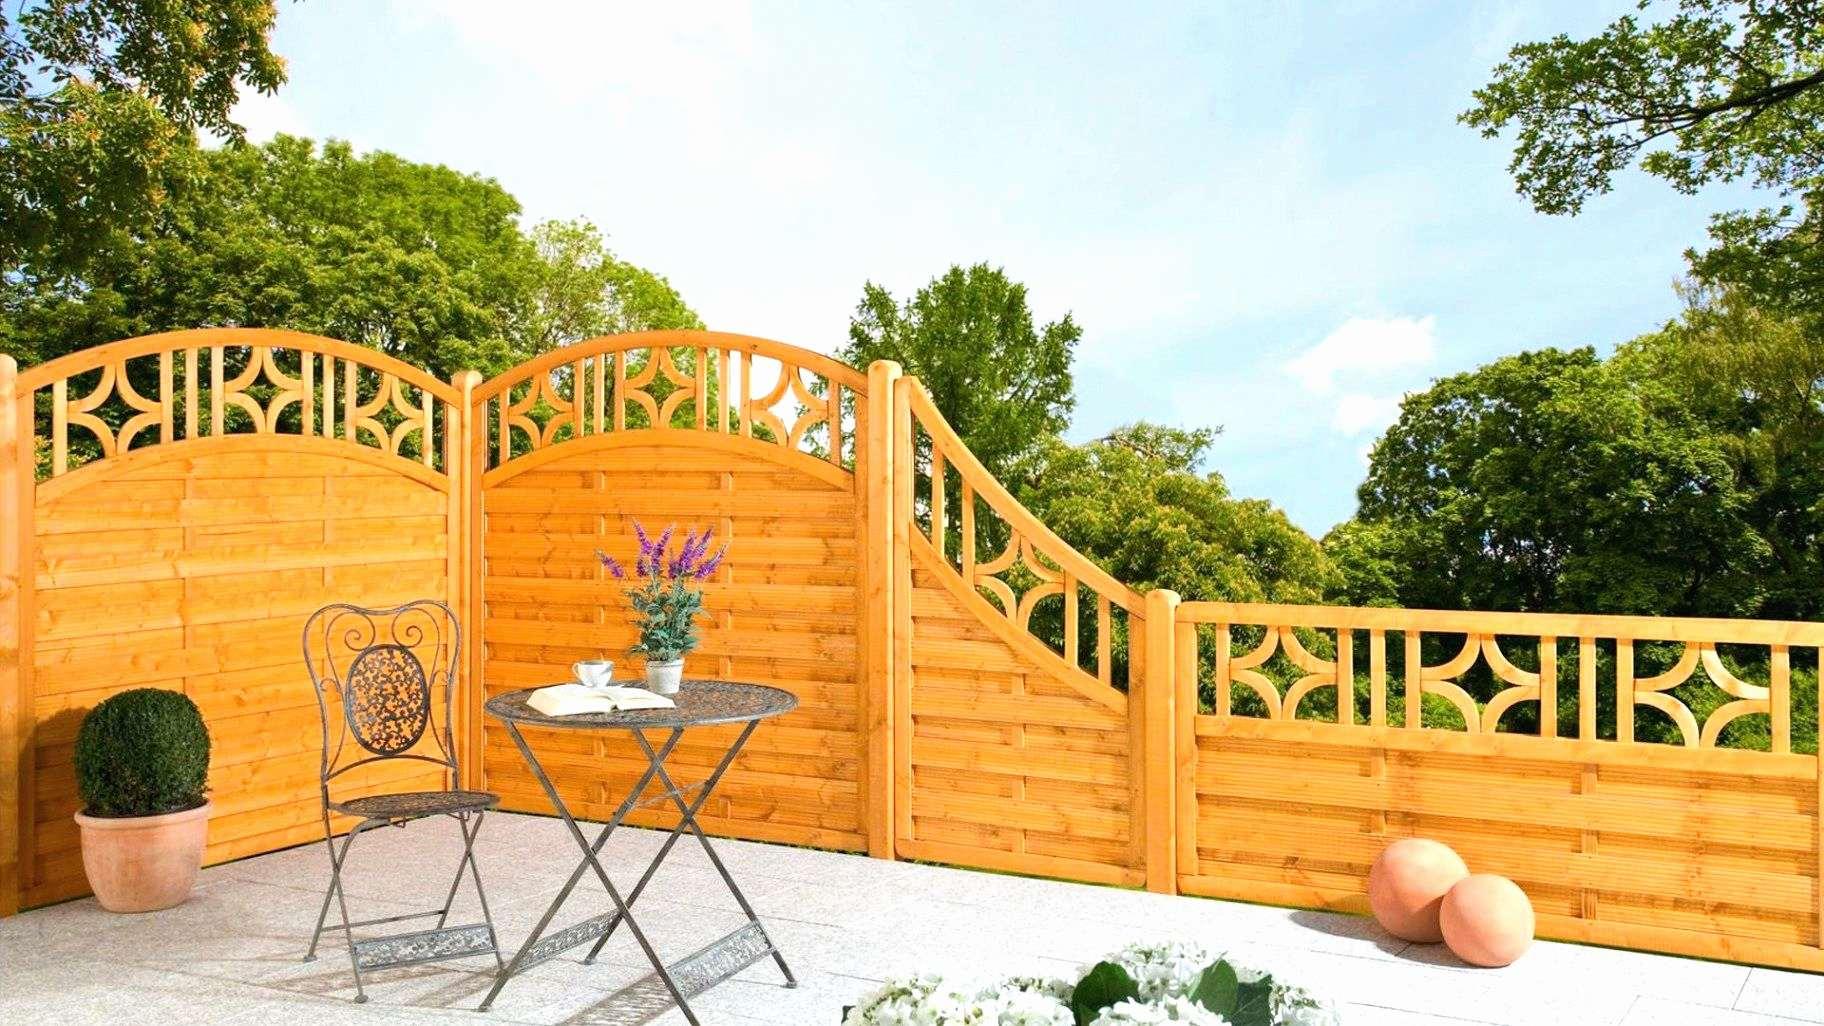 terrasse bauen anleitung das beste von terrasse anlegen anleitung inspirierend garten terrasse selber bauen of terrasse bauen anleitung